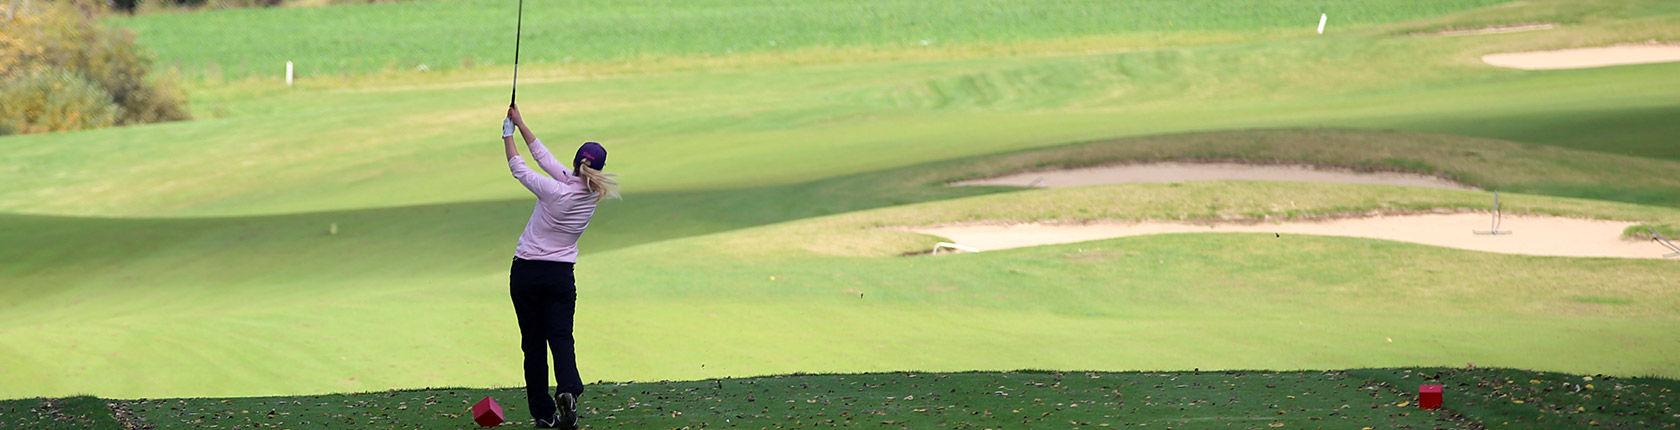 Aulangon Golfakatemia